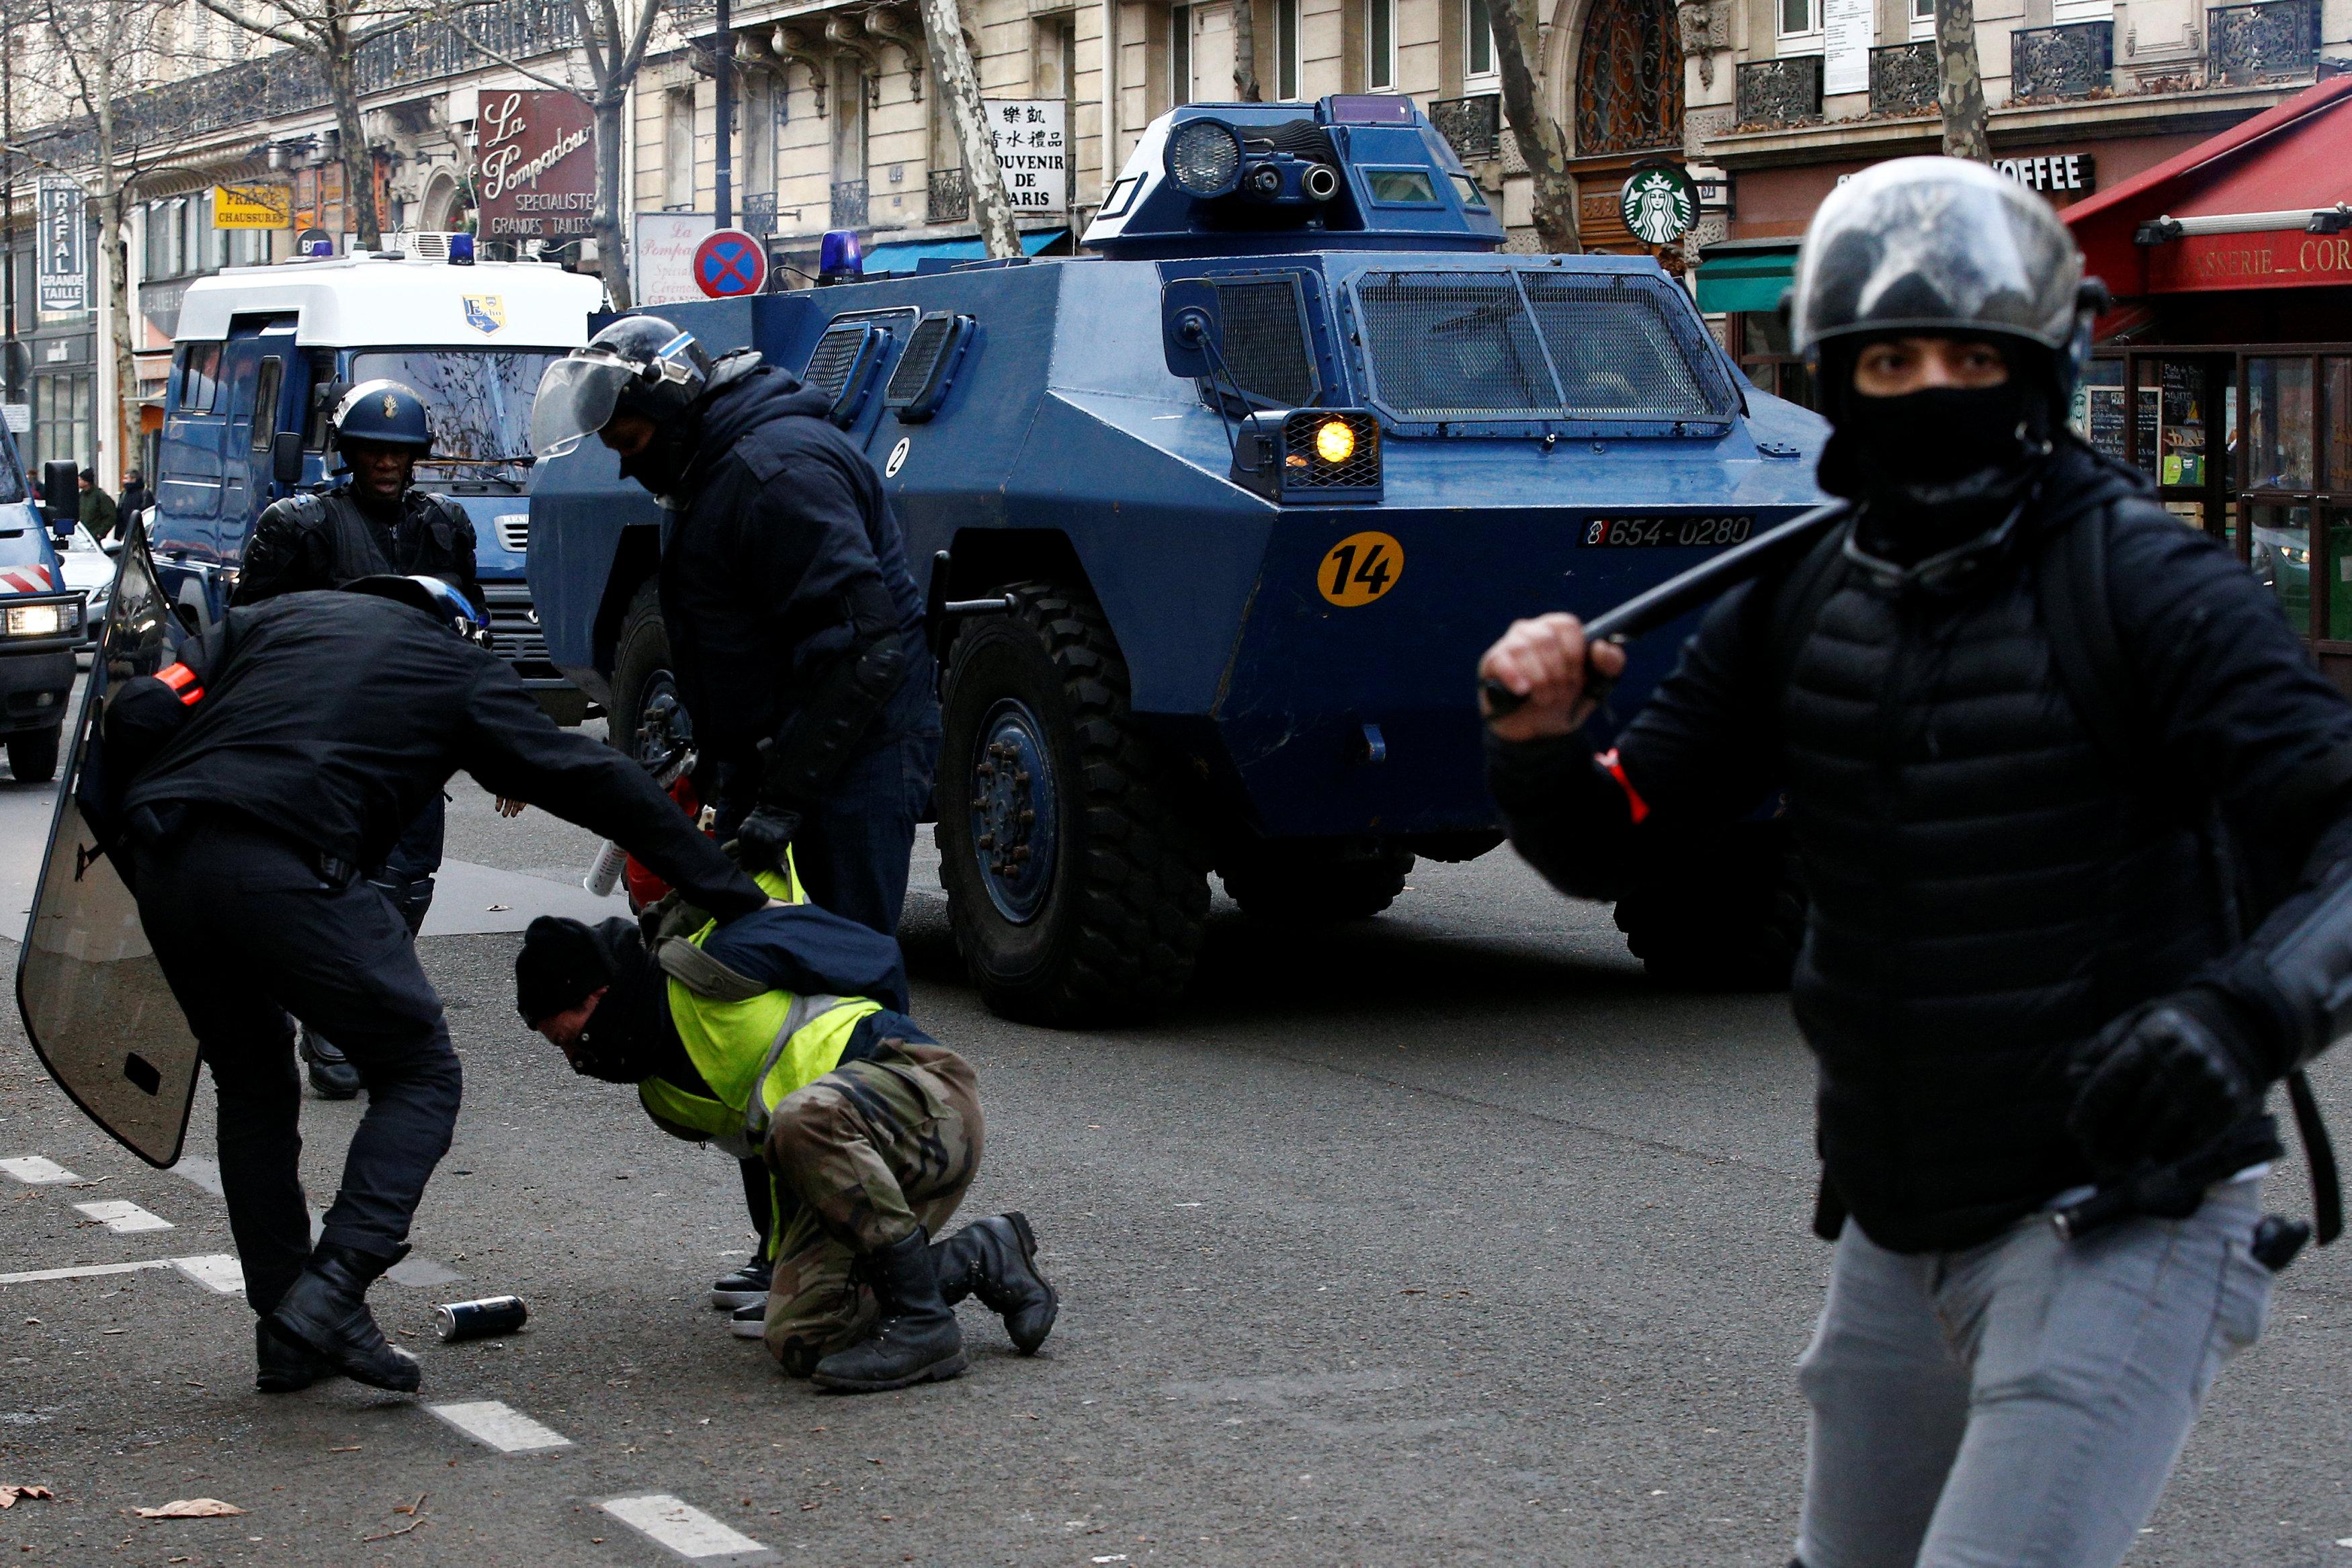 احتجاجات السترات الصفراء - فرنسا